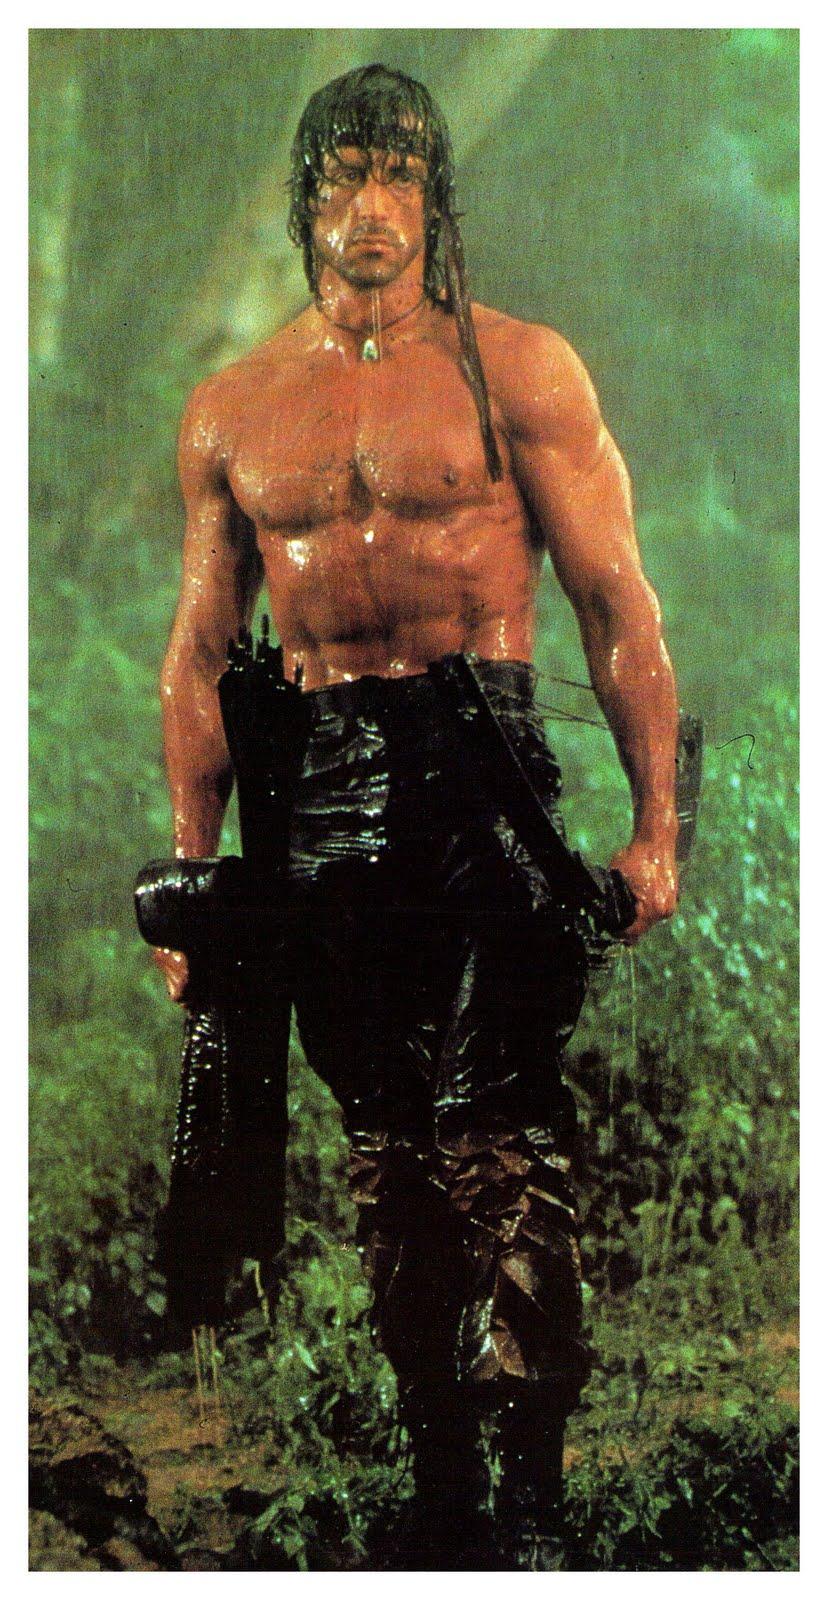 John Rambo 2